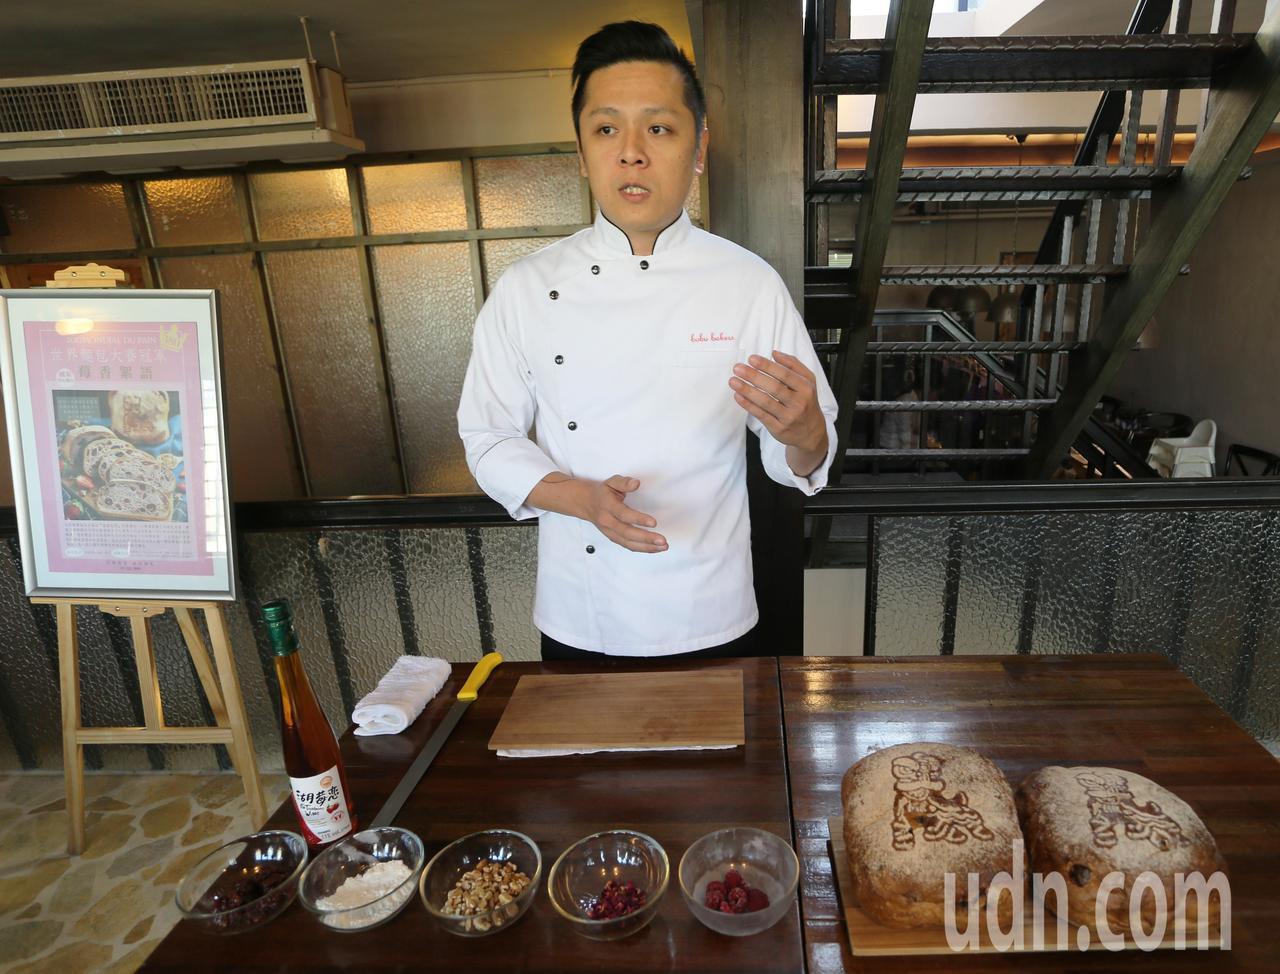 選用在地食材,台灣麵包師陳耀訓勇奪2017世界麵包賽冠軍。記者劉學聖/攝影